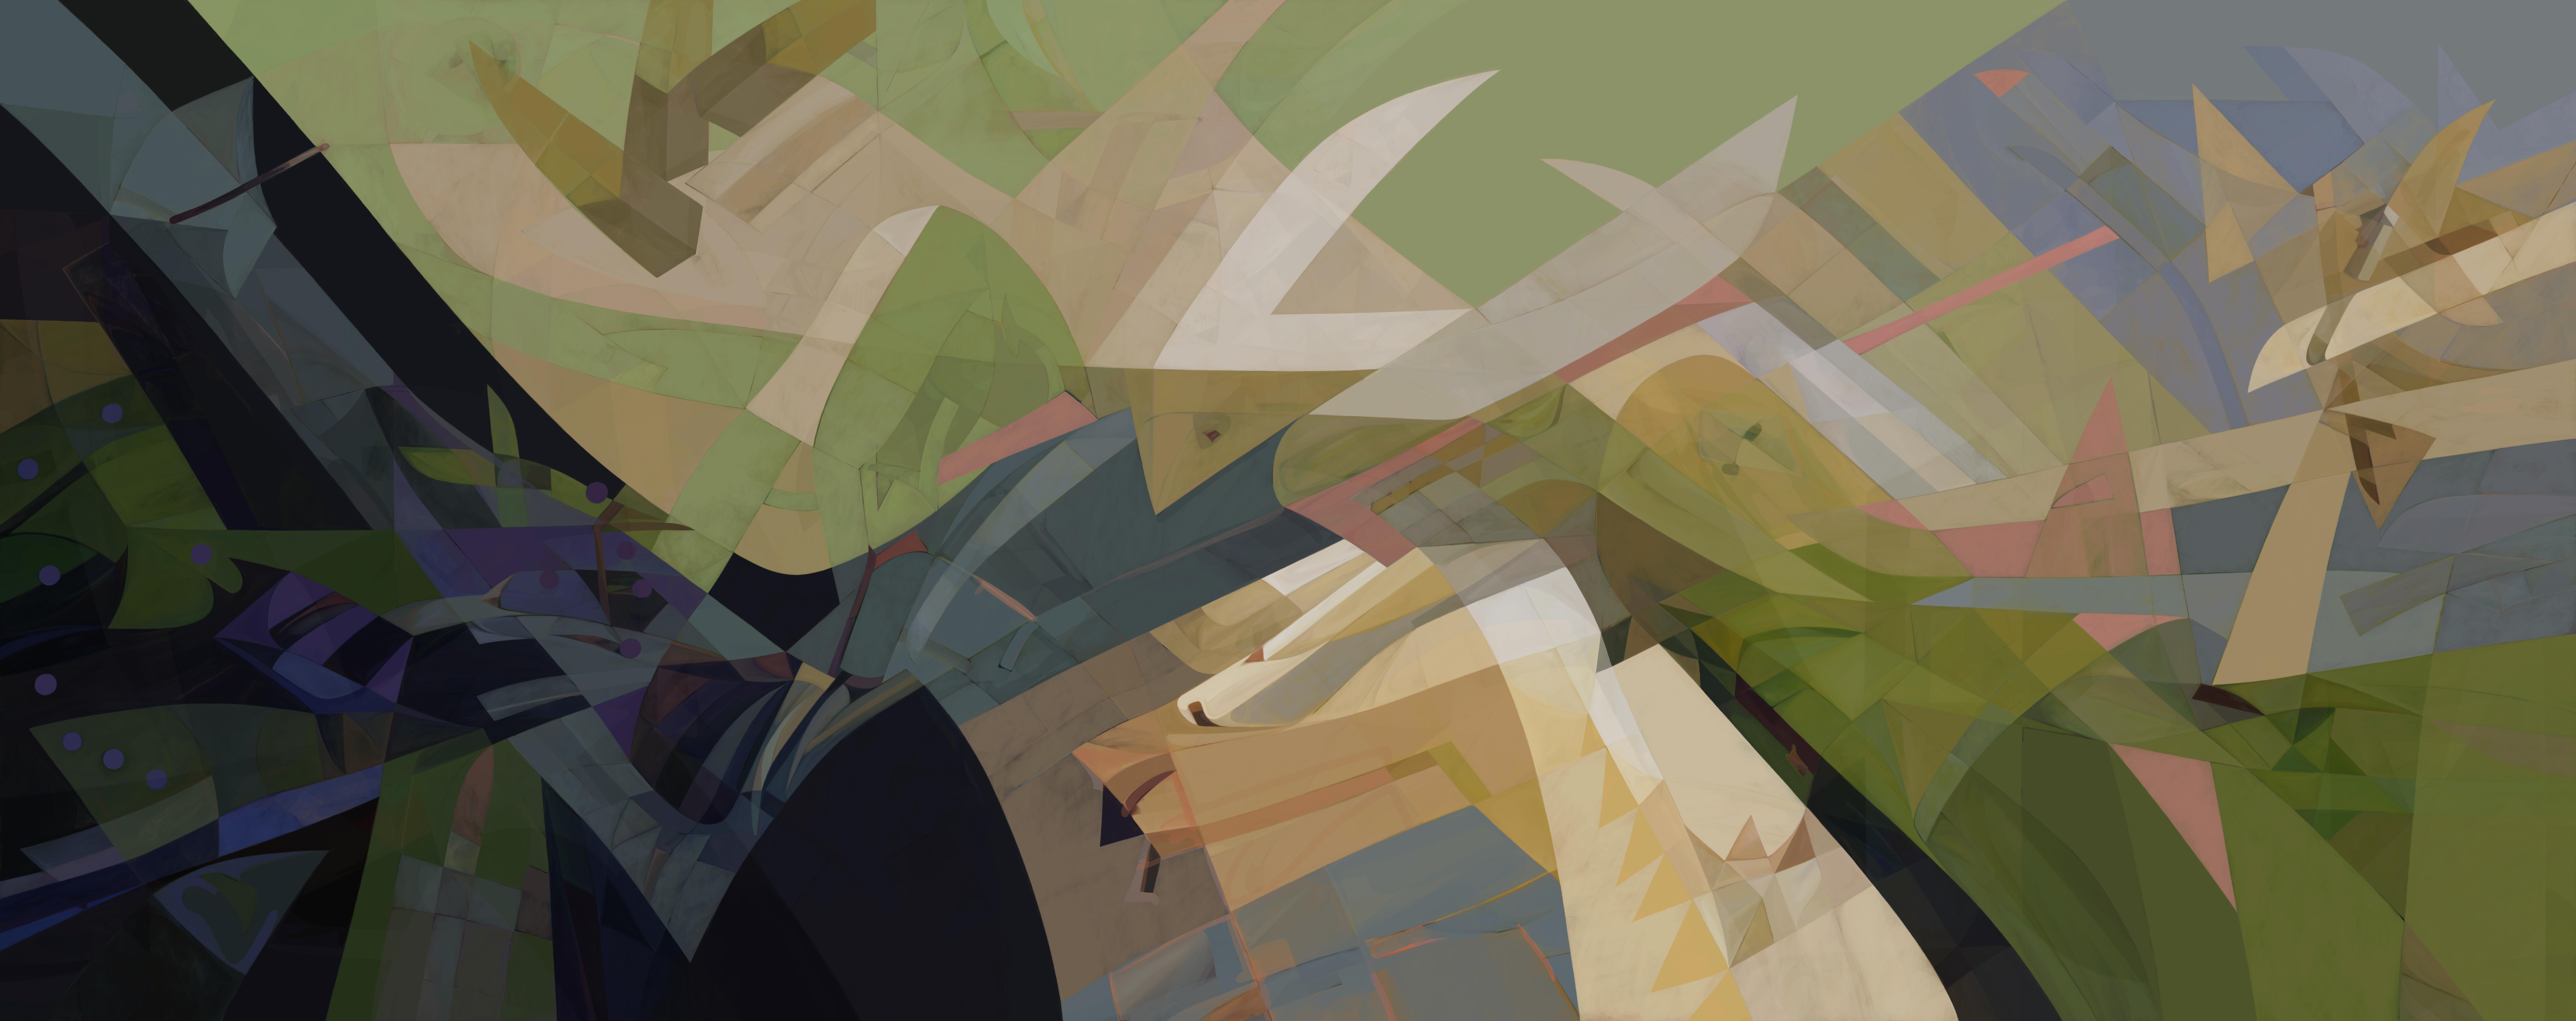 Scapa Flow - Lament III